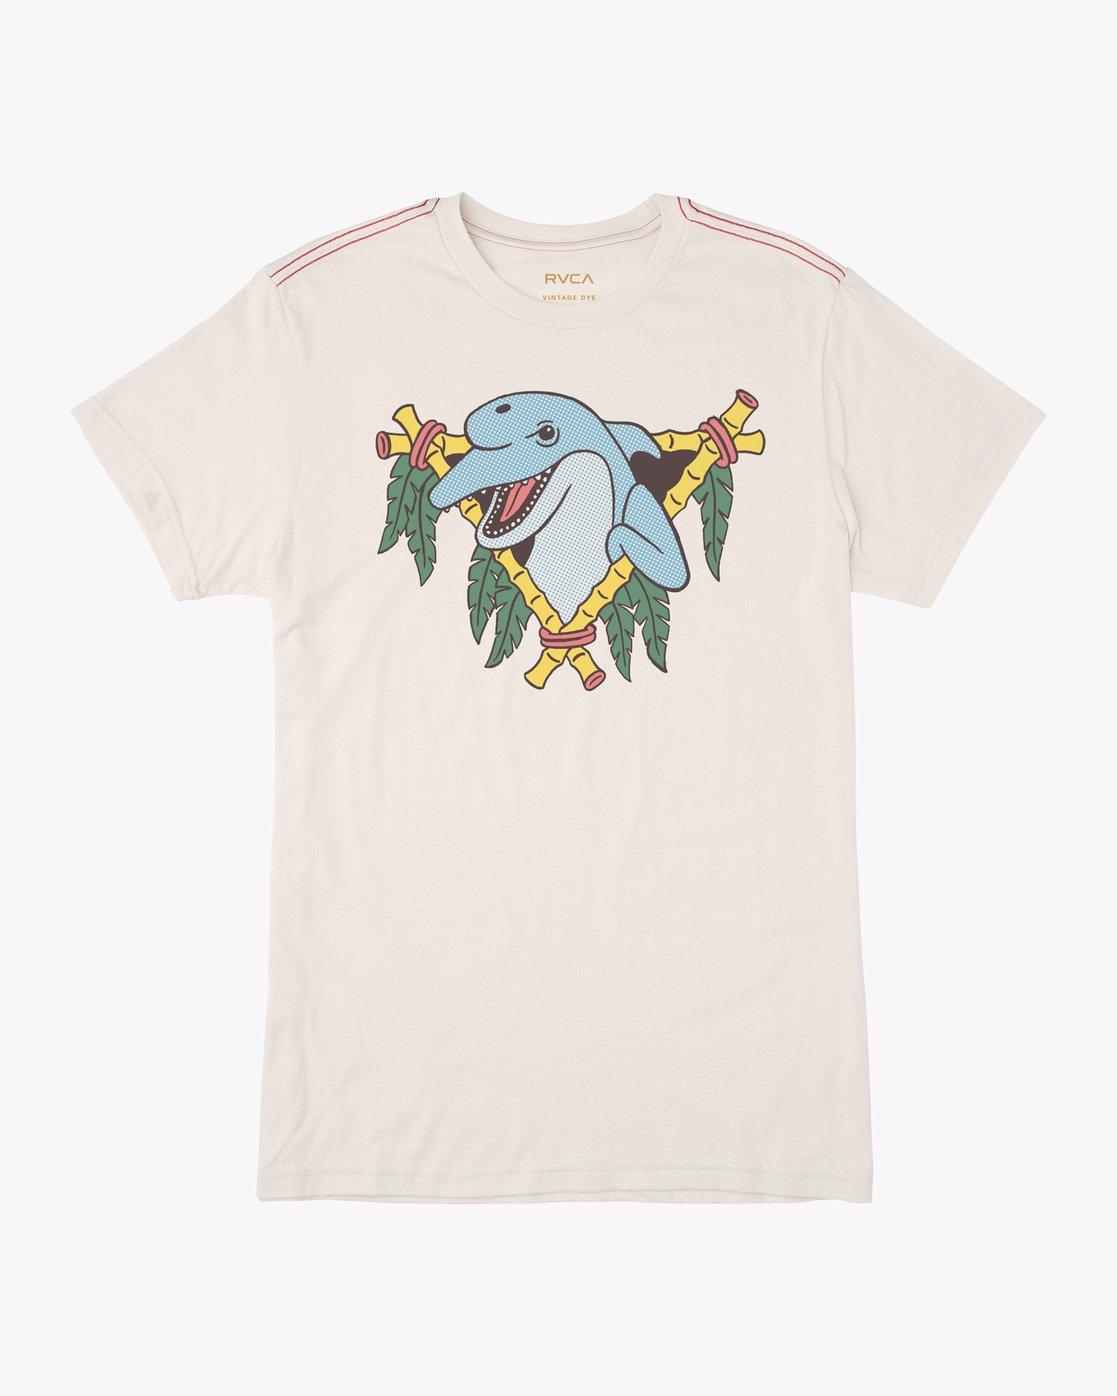 0 Dolphin Club Luke Pelletier T-Shirt White M402NRDO RVCA